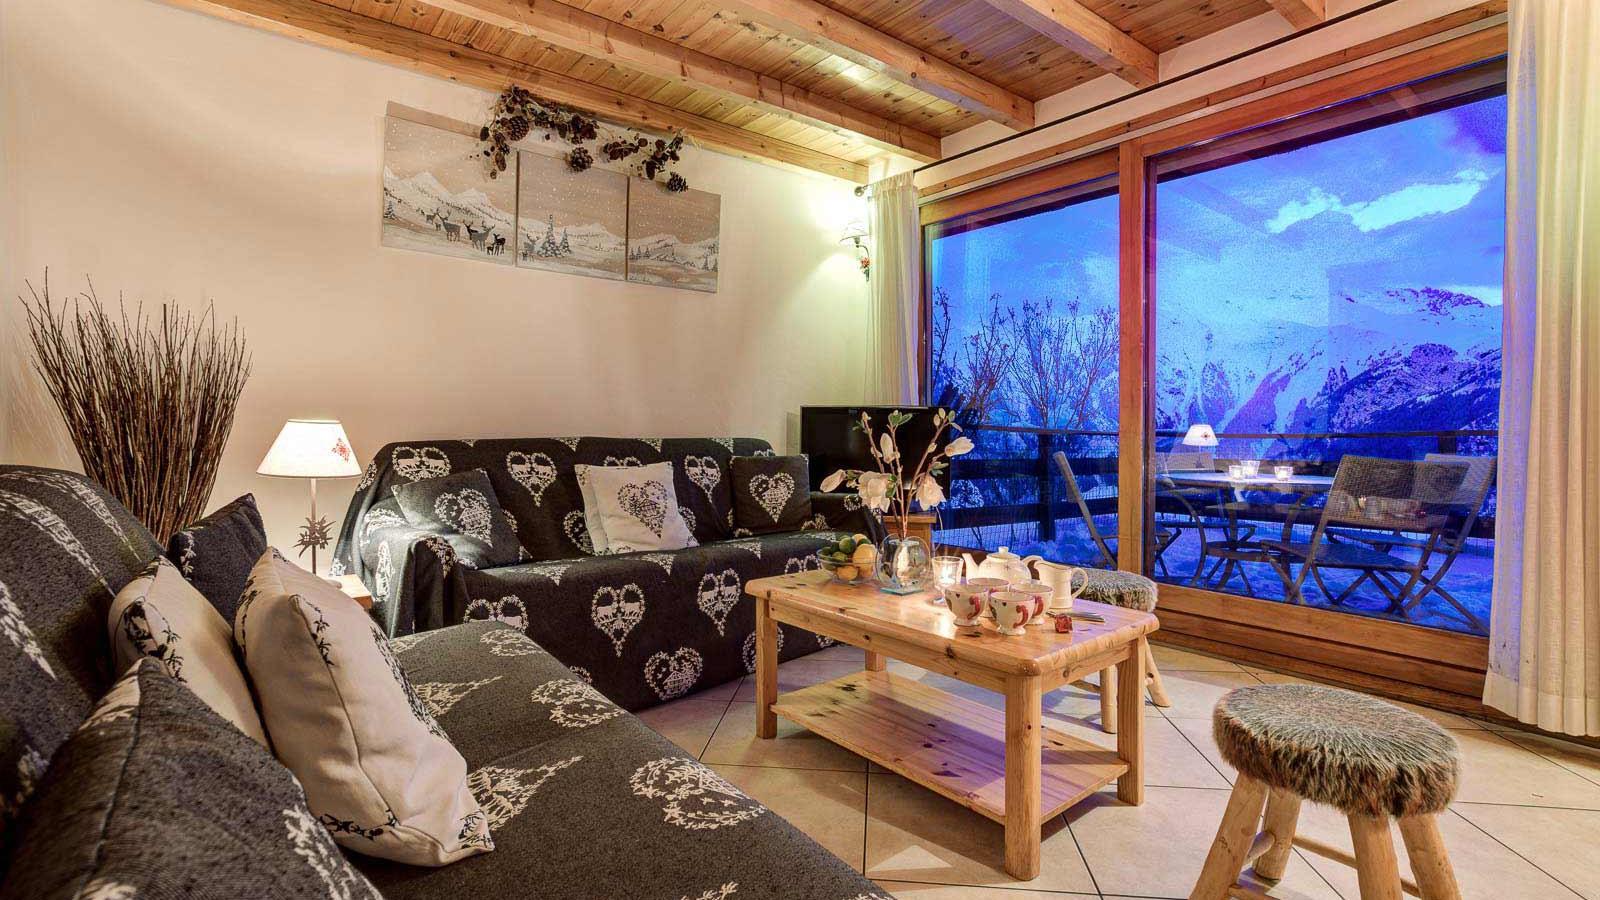 Lounge - Chalet Gorges, Les Deux Alpes - Twilight